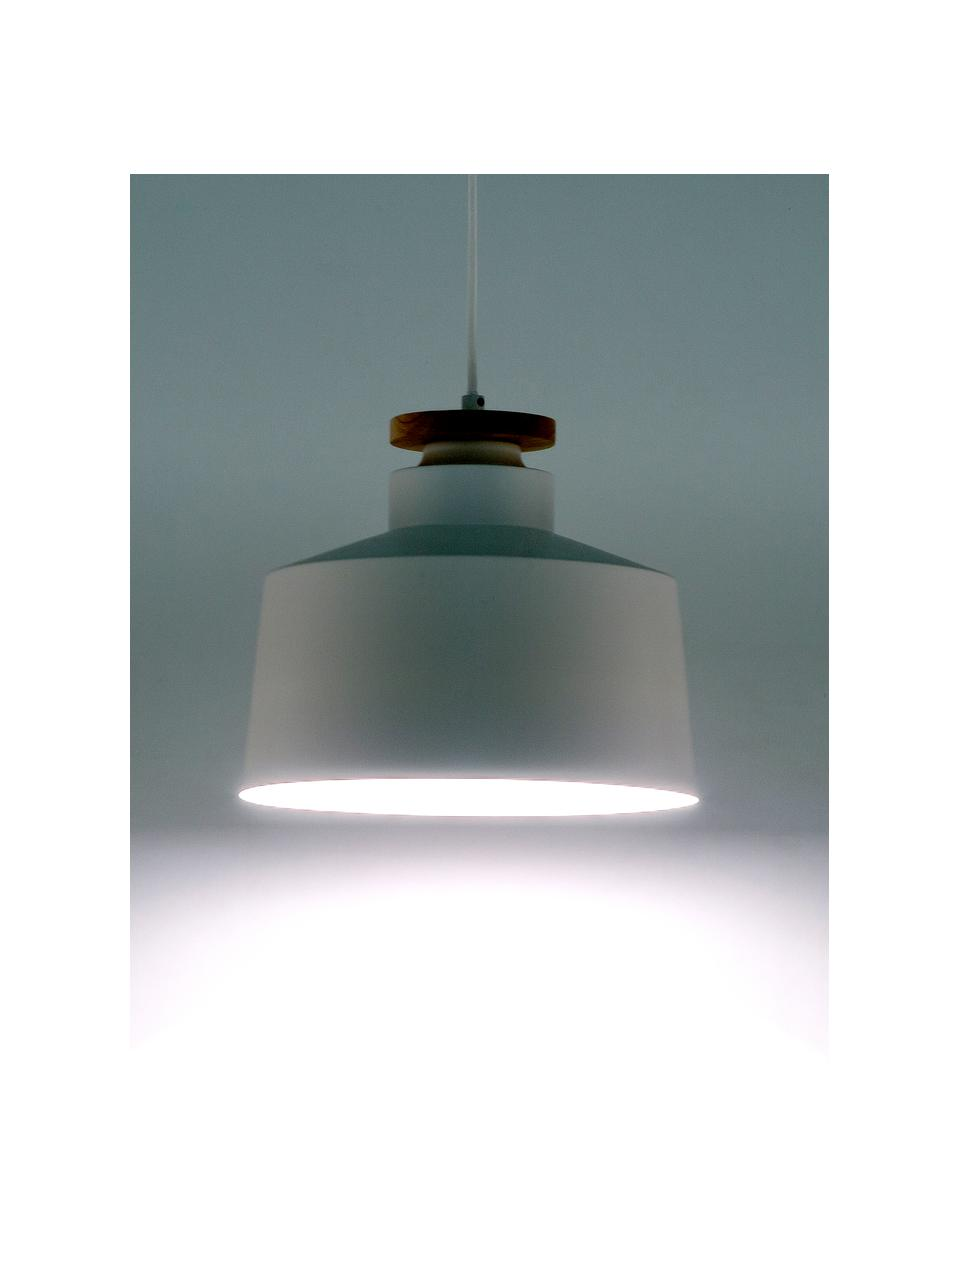 Skandi-Pendelleuchte Malm, Lampenschirm: Metall, Dekor: Holz, Baldachin: Metall, Weiß, Ø 30 x H 26 cm